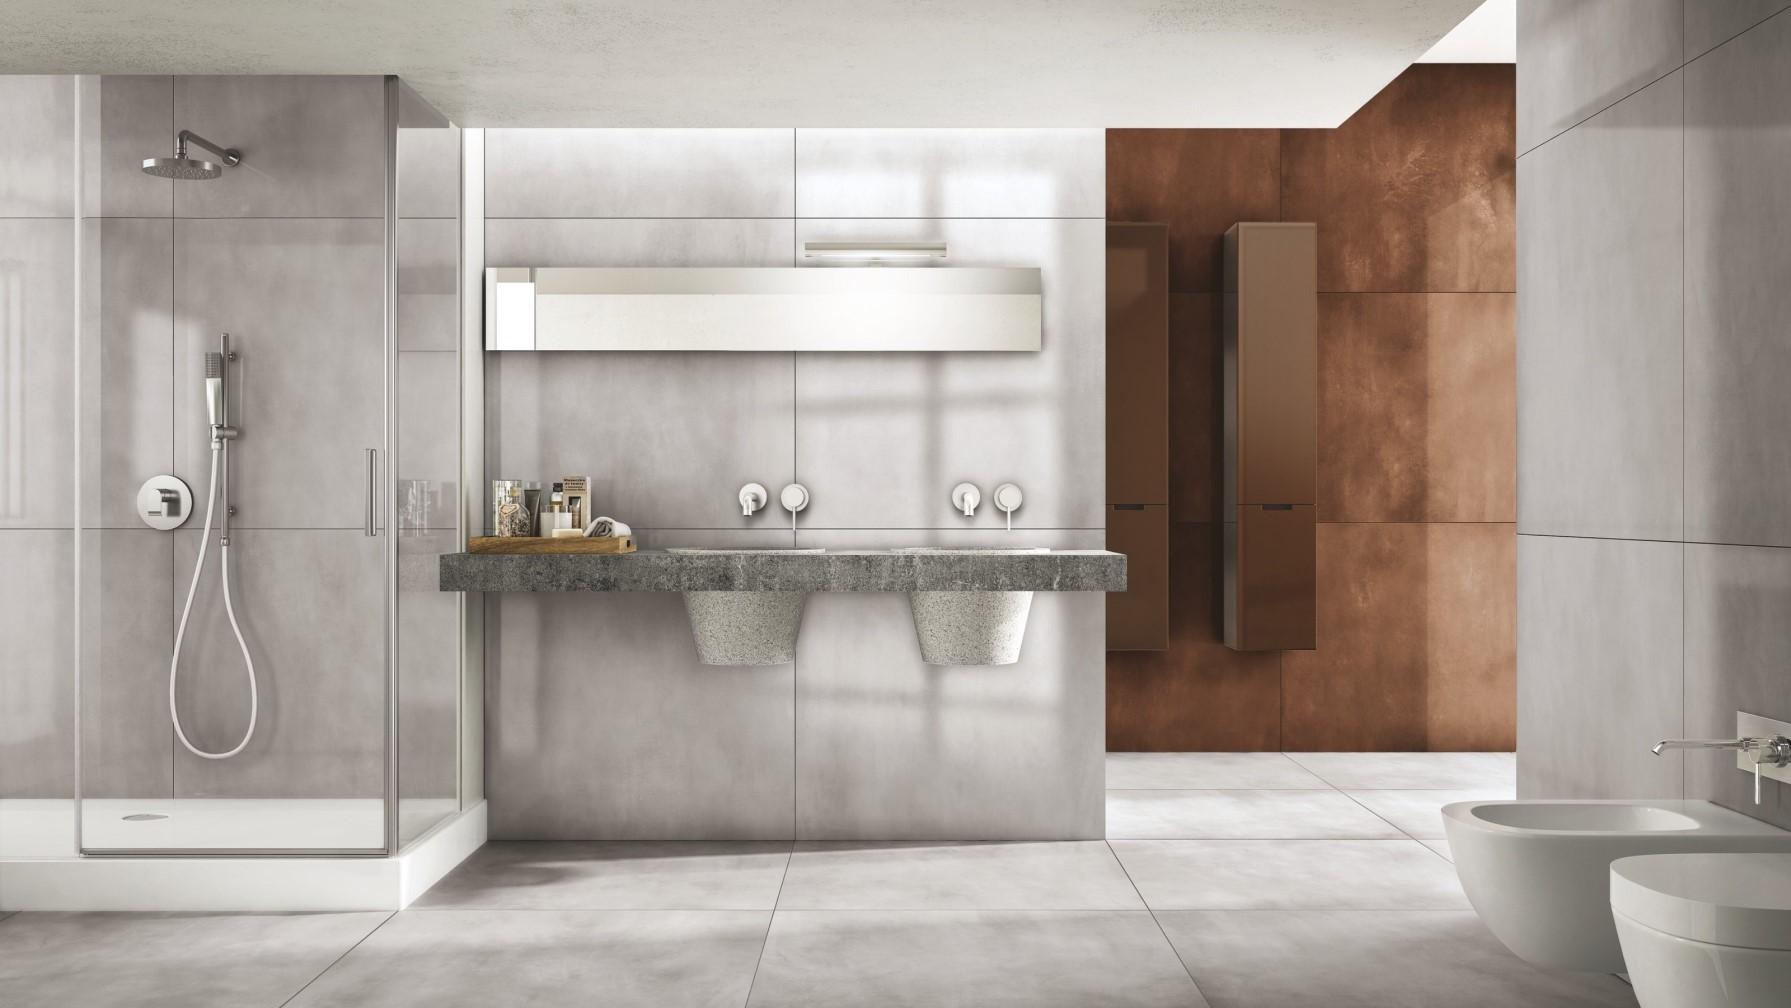 offerte parquet-rendering 3d-3d-Piemonte-vigliano cigliano-offerte piastrelle torino-rendering 3d torino-rendering-parque rovere torino-rubinetteria torino-rubinetteria